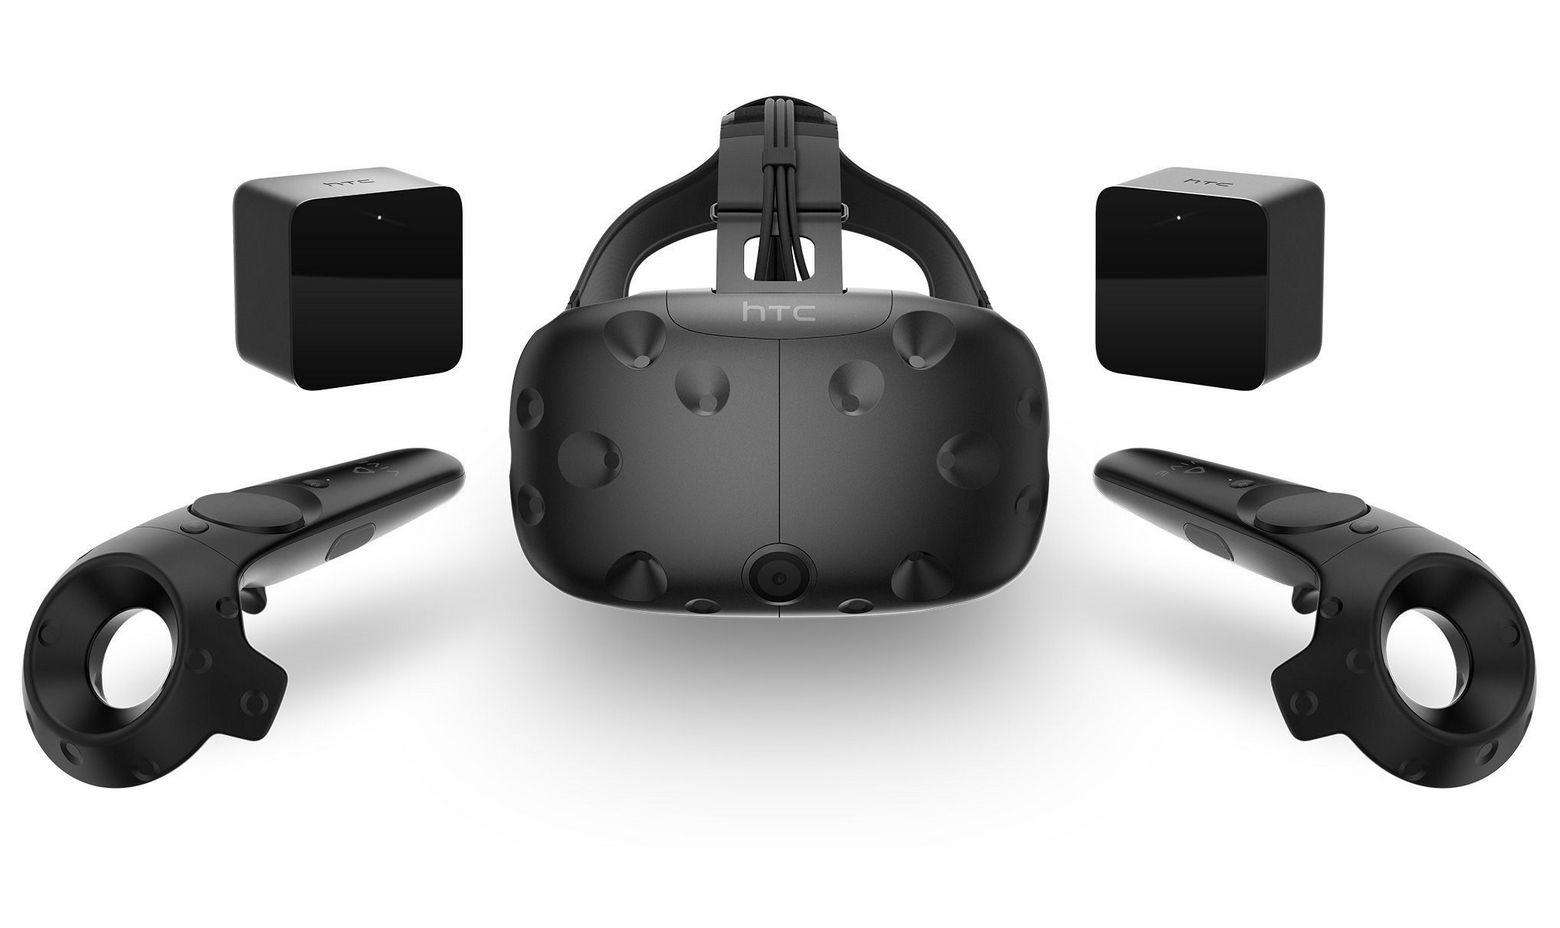 Лучшие шлемы виртуальной реальности для геймеров - HTC Vive